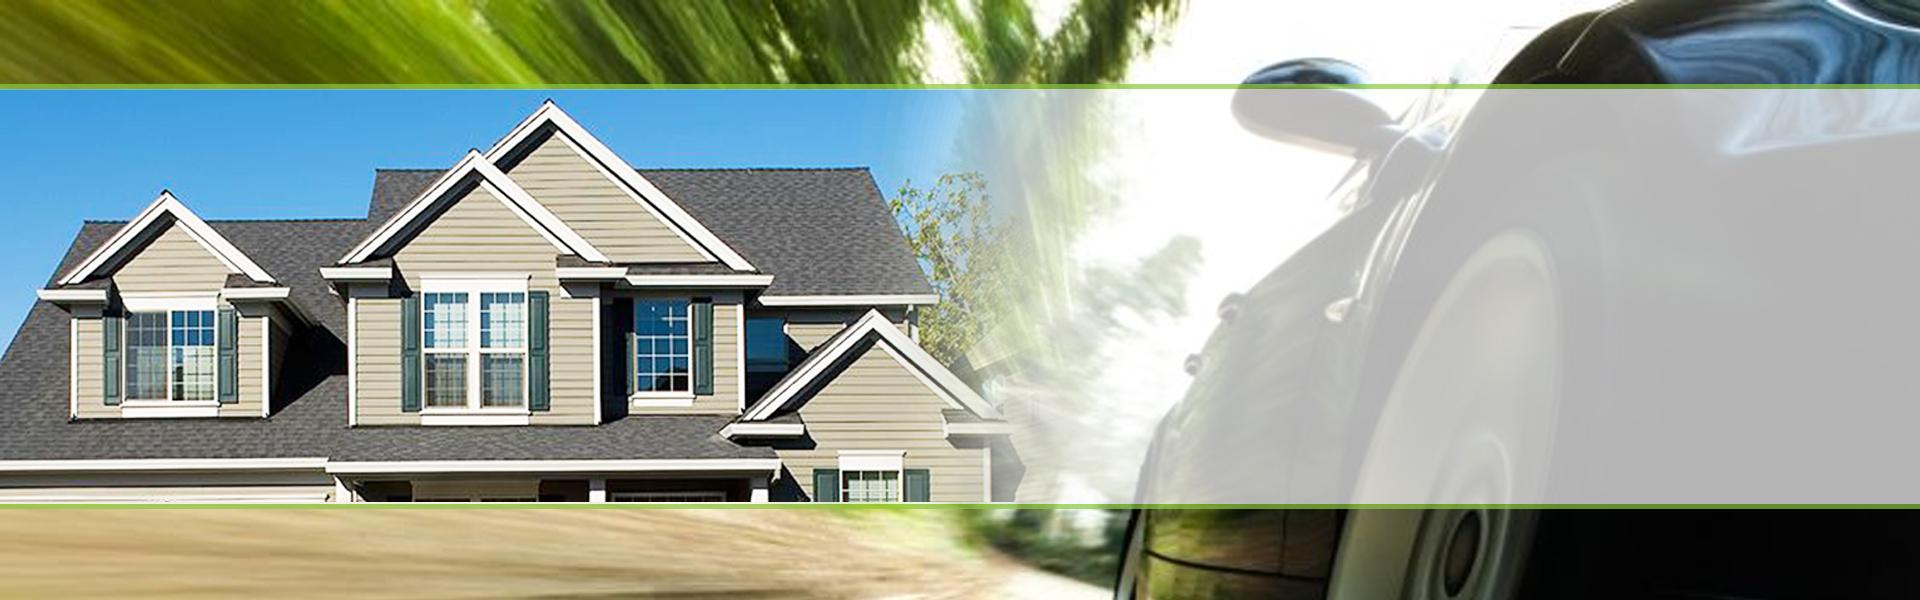 Armellino Insurance Agency Slider Image